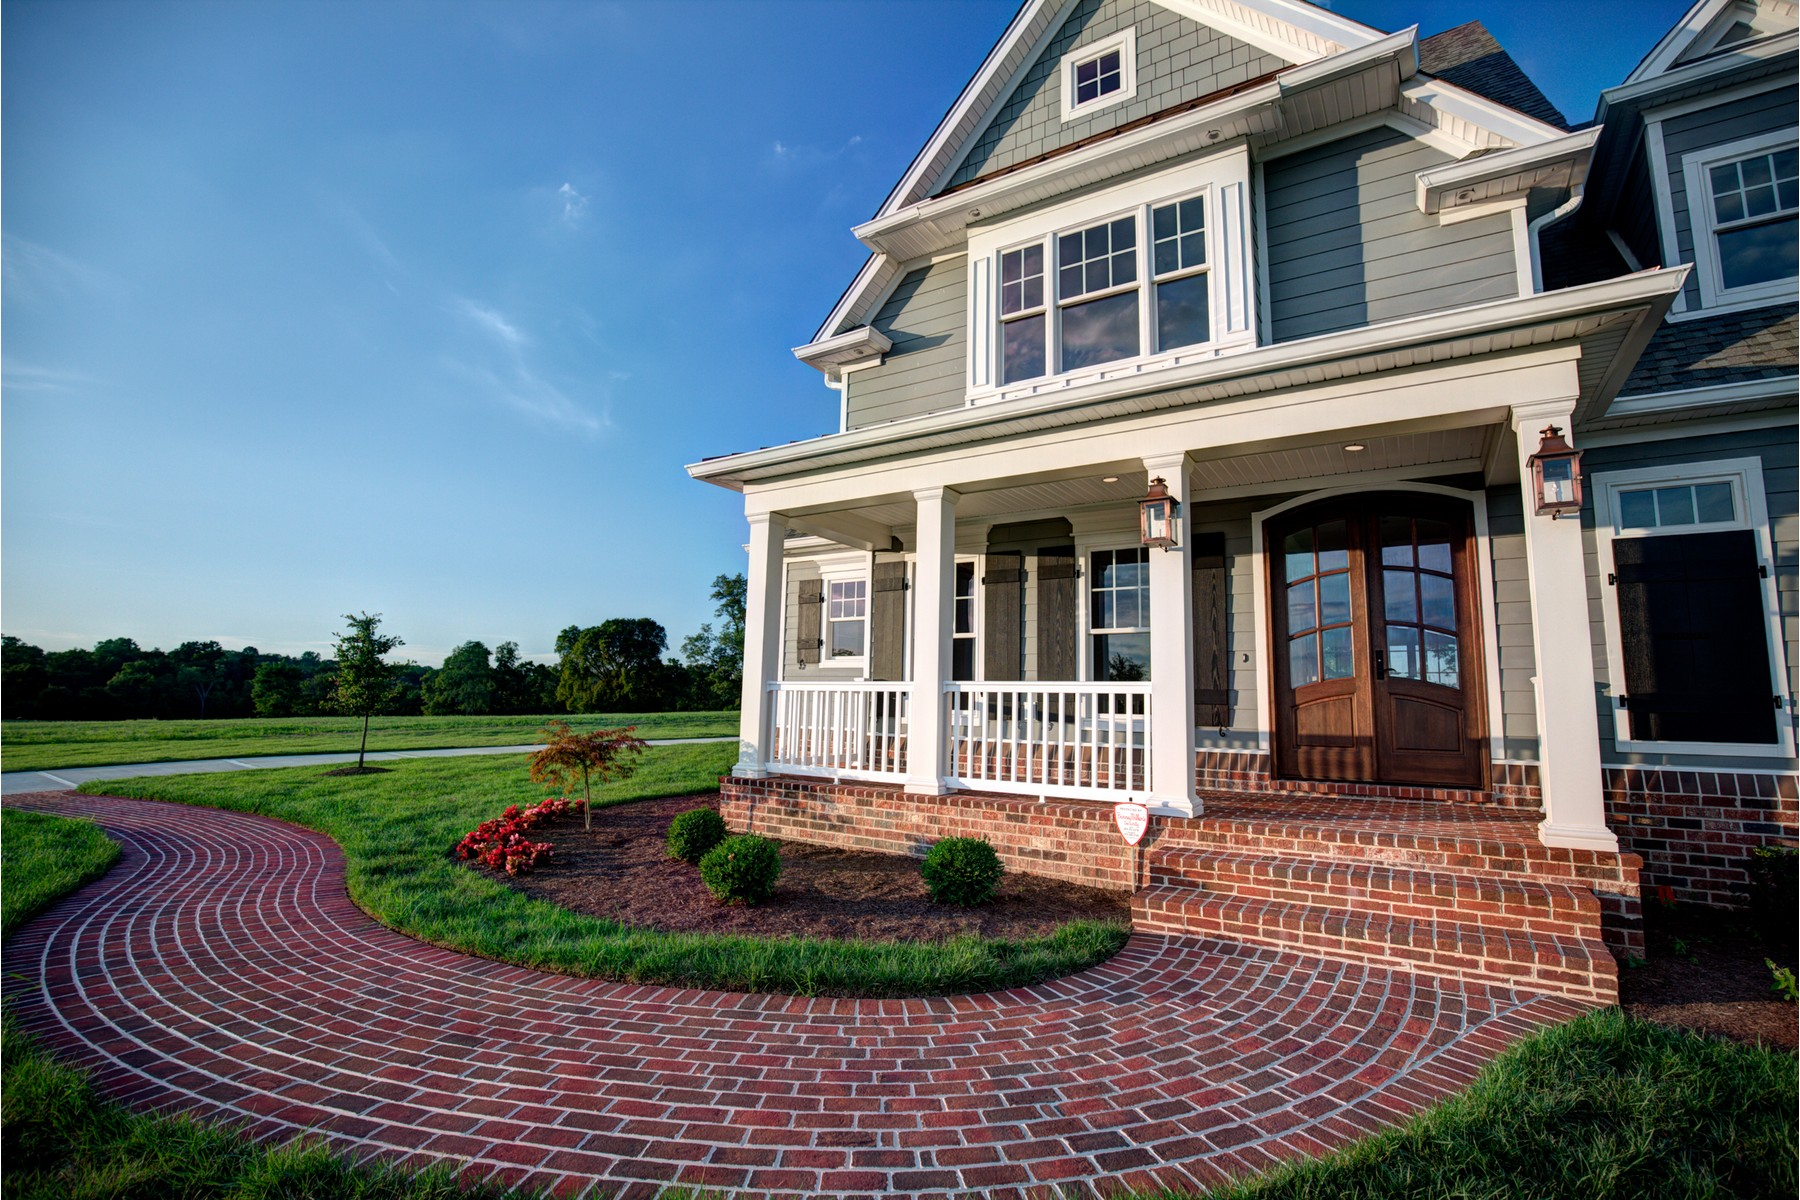 Maison unifamiliale pour l Vente à 208 The Oaks Blvd Nicholasville, Kentucky, 40356 États-Unis